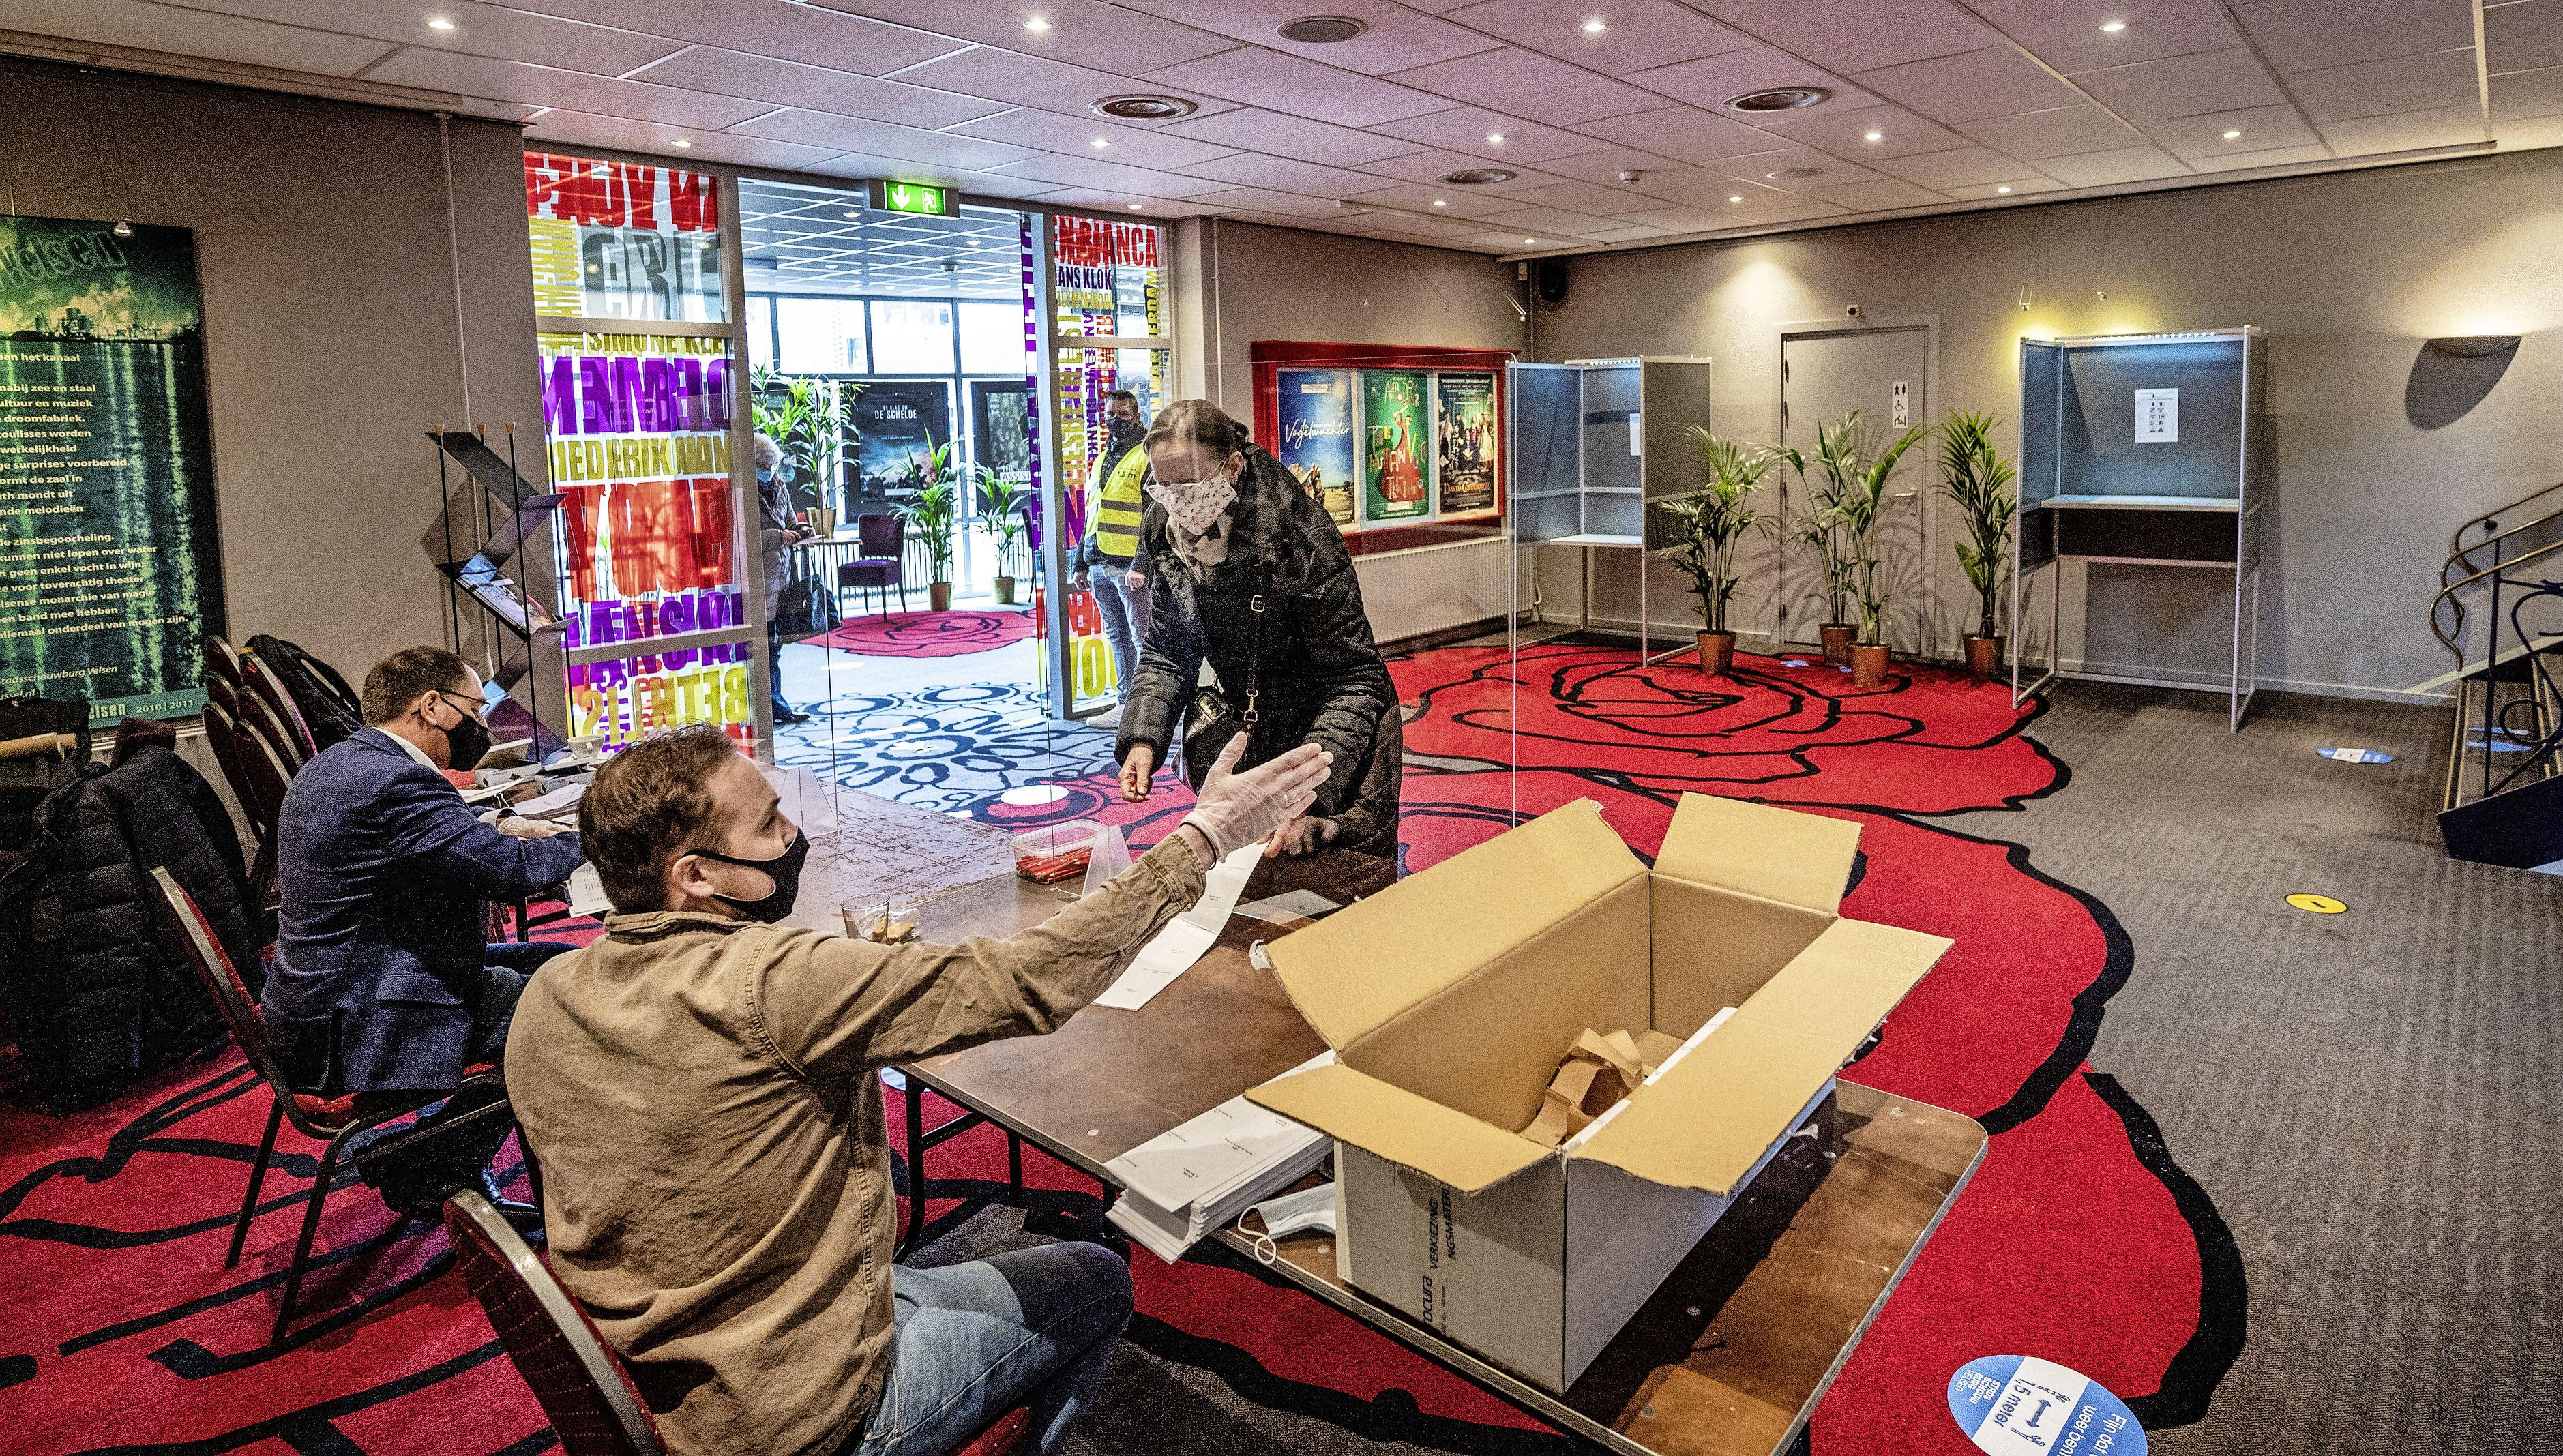 Voor een dag weer even leven in de foyer van Stadsschouwburg Velsen: 'stemmers stonden om 7.15 uur al buiten'